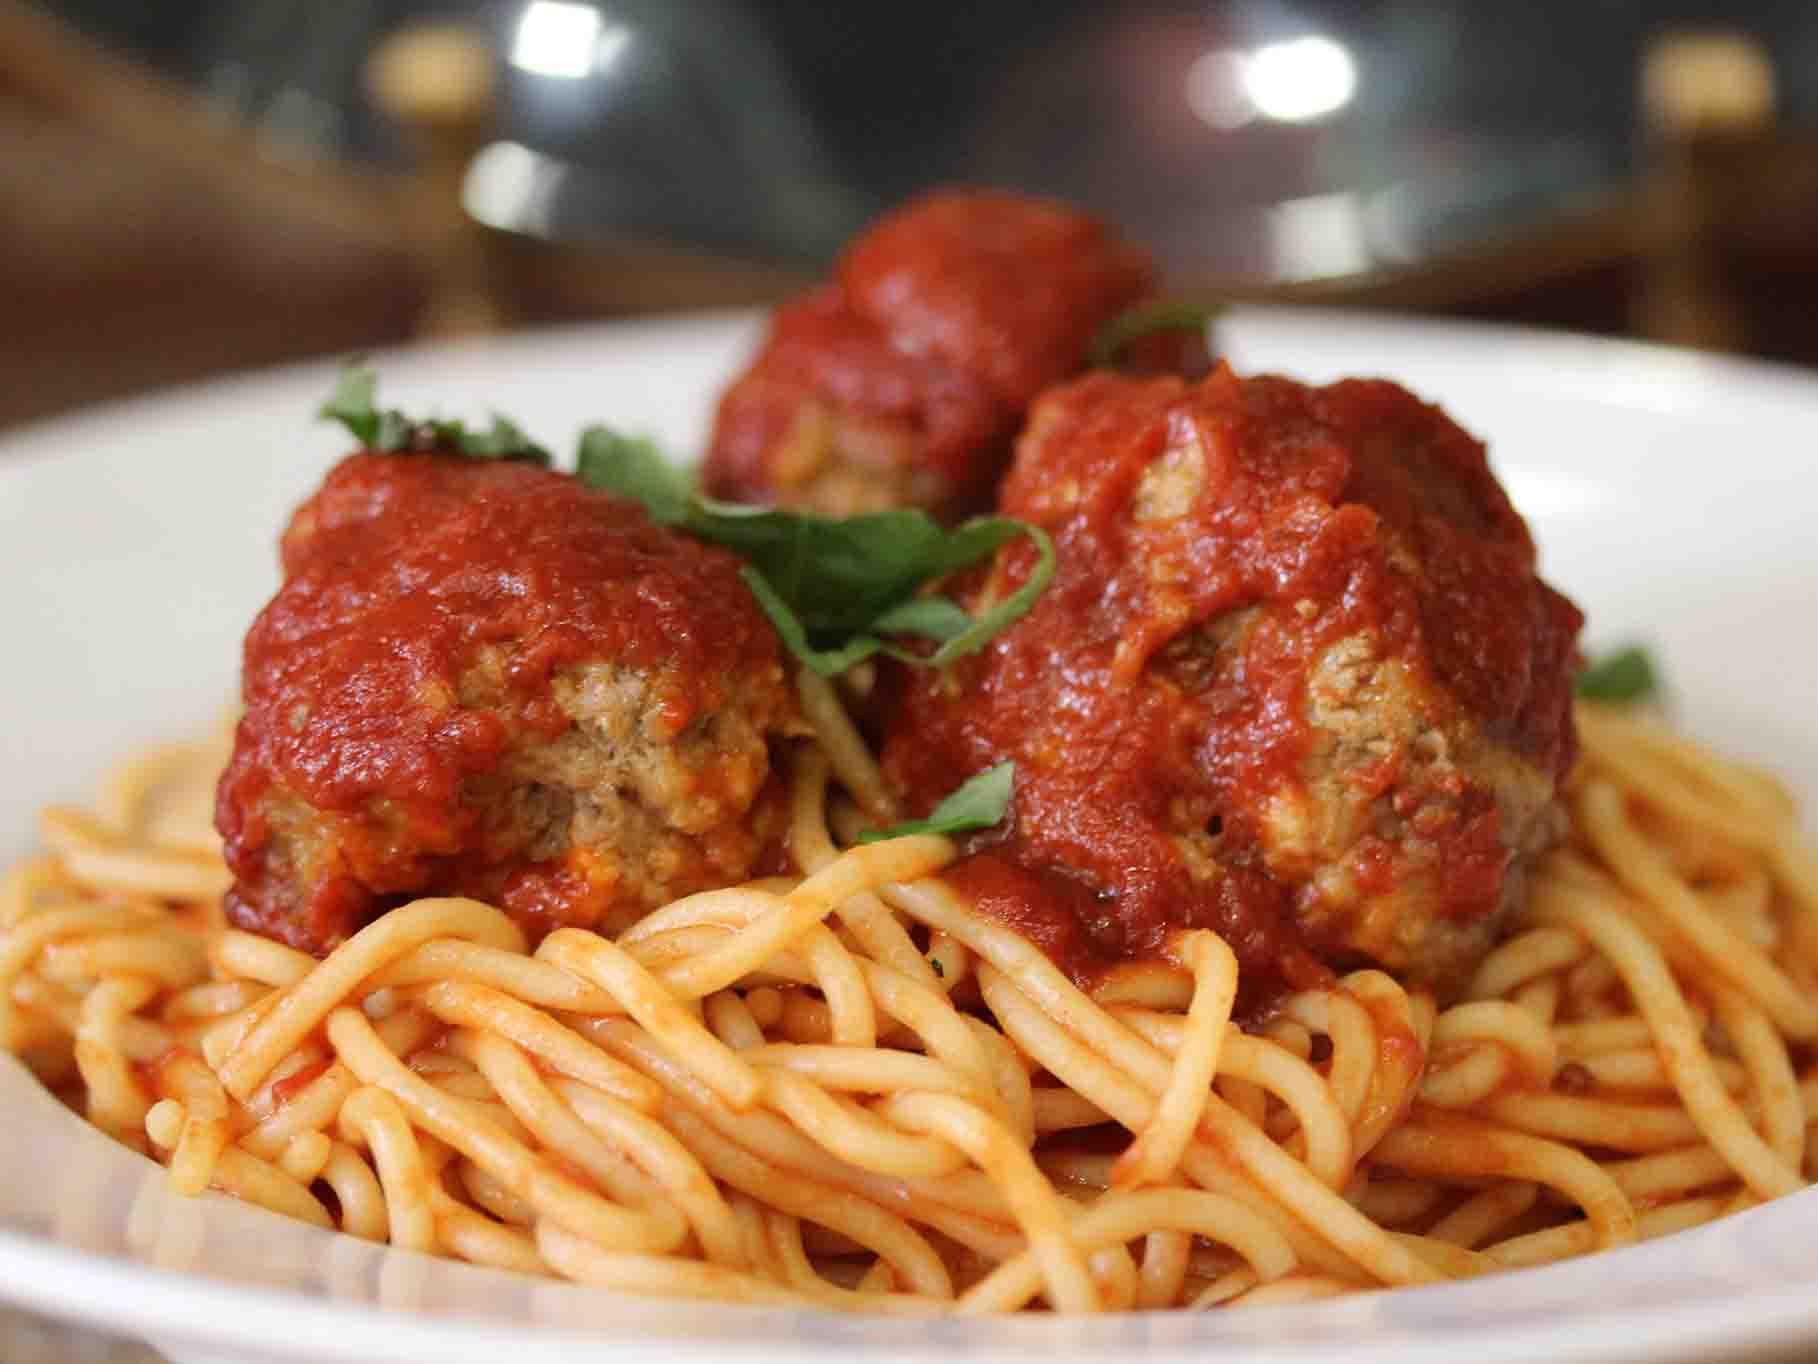 Betty Spaghetti in Guerneville, Sonoma County, California